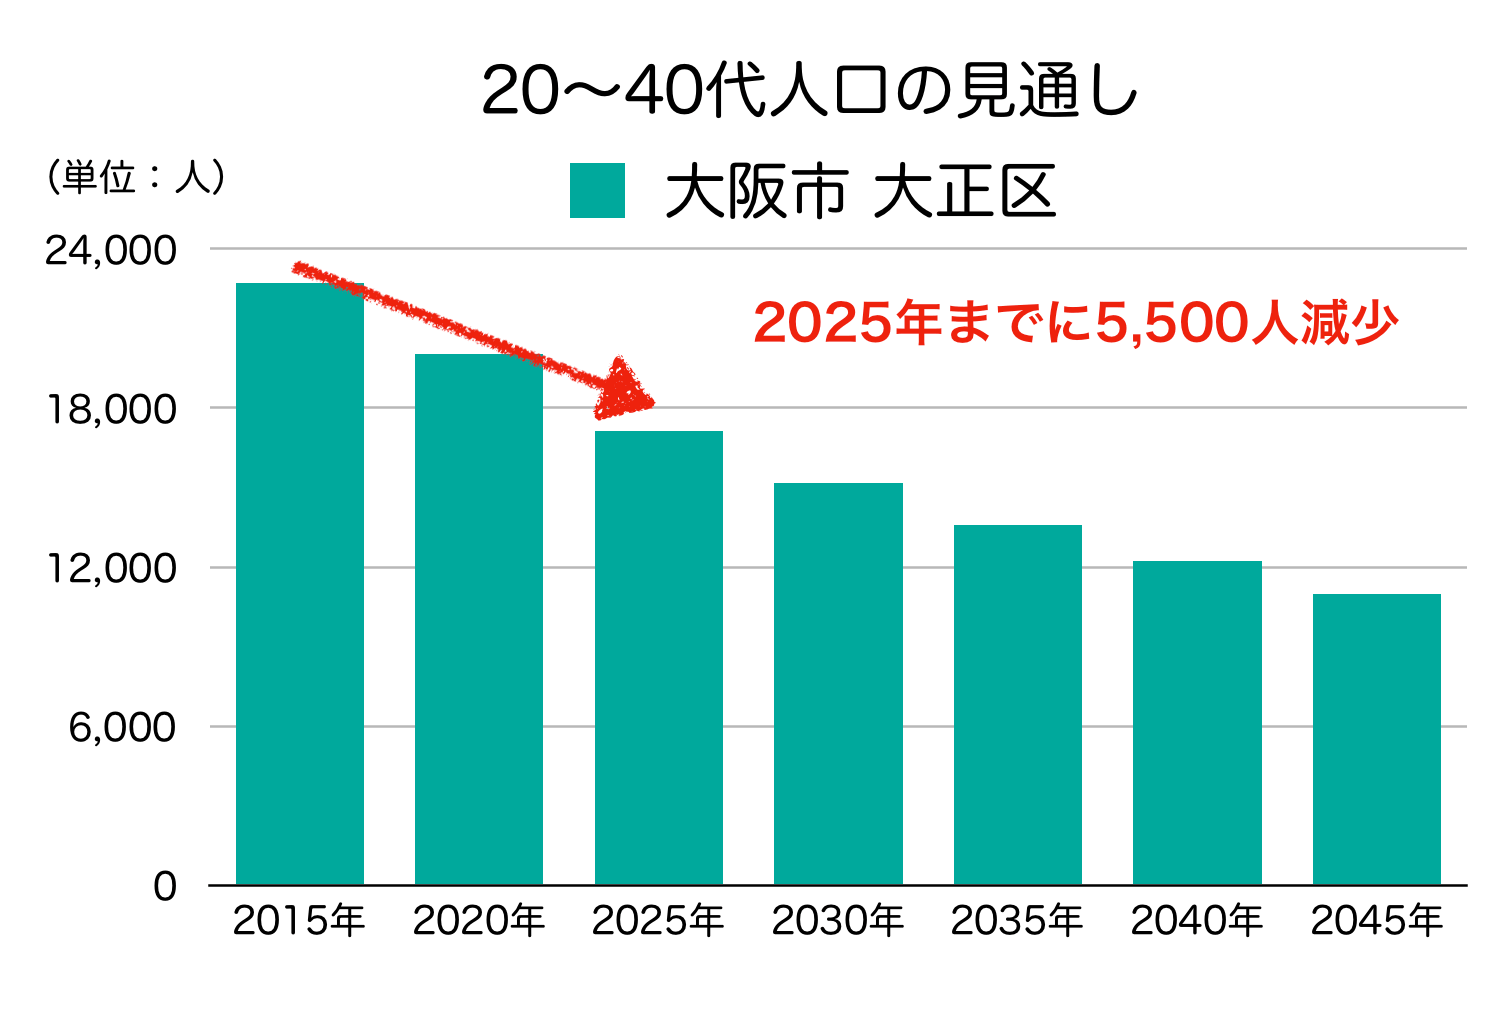 大阪市大正区の20〜40代人口の予測